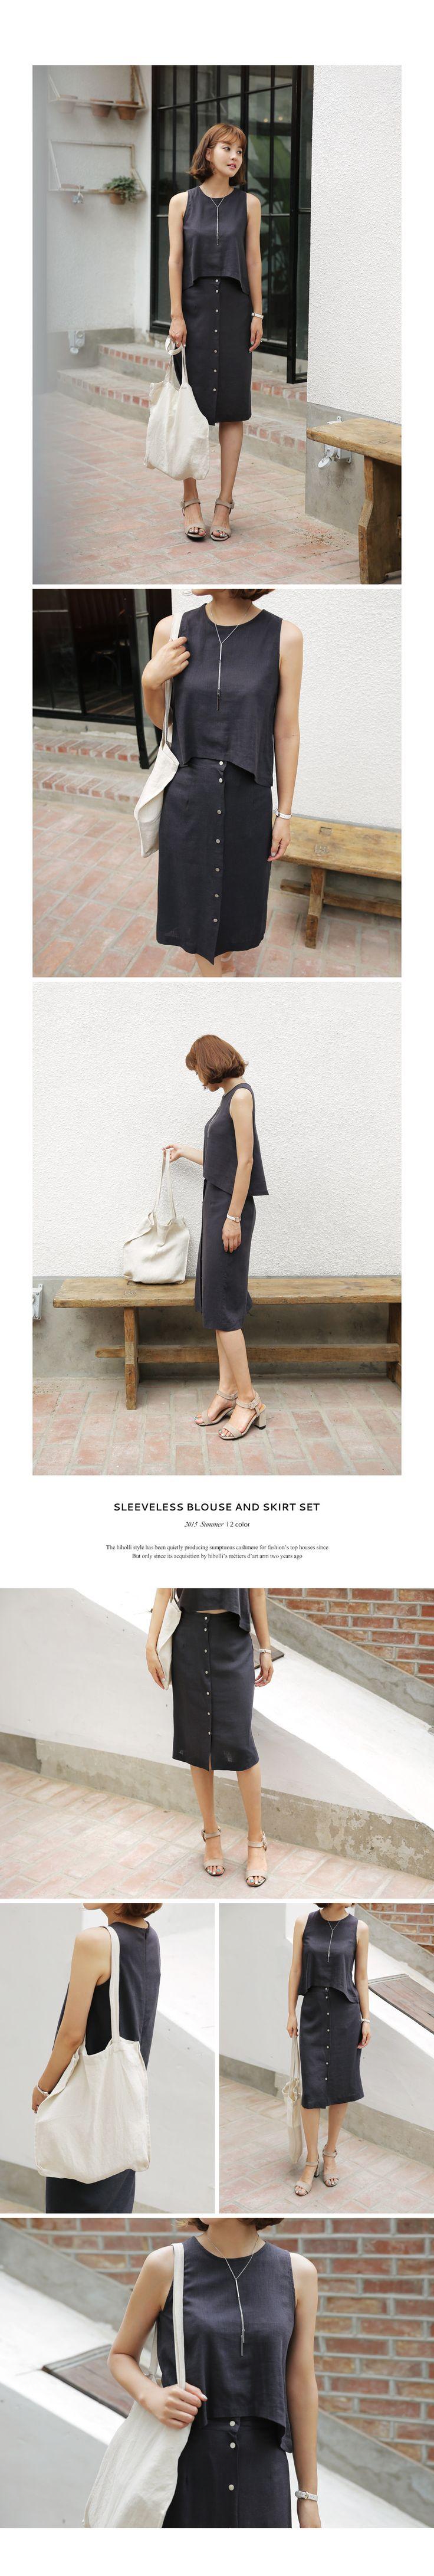 アンバランスブラウス&ミディスカートセットアップ・全2色シャツ・ブラウスシャツ・ブラウス|レディースファッション通販 DHOLICディーホリック [ファストファッション 水着 ワンピース]